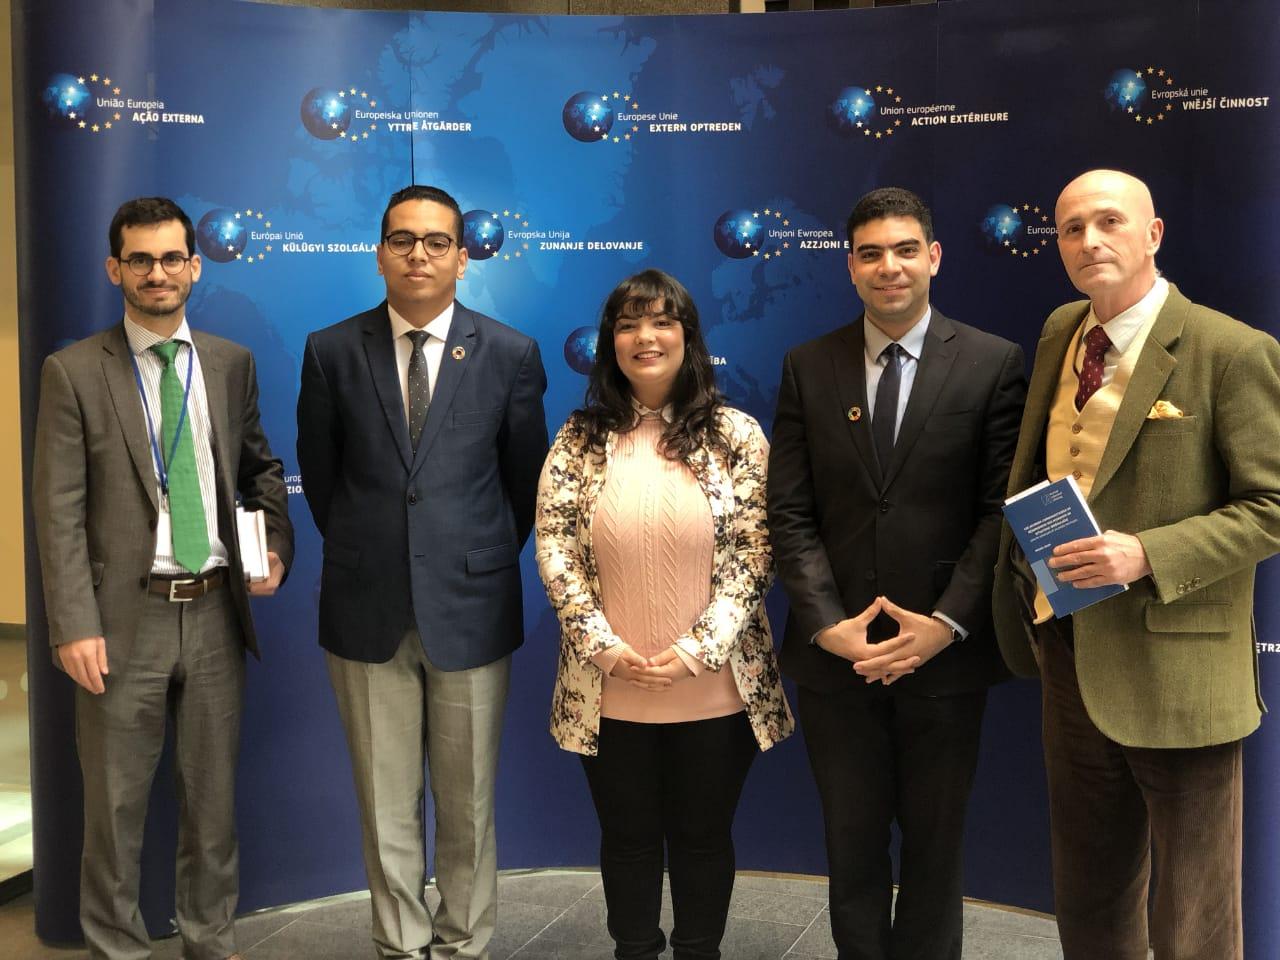 شباب التنمية المستدامة ببروكسيل يدعم التعاون المؤساساتي بين المغرب و الإتحاد الأوروبي